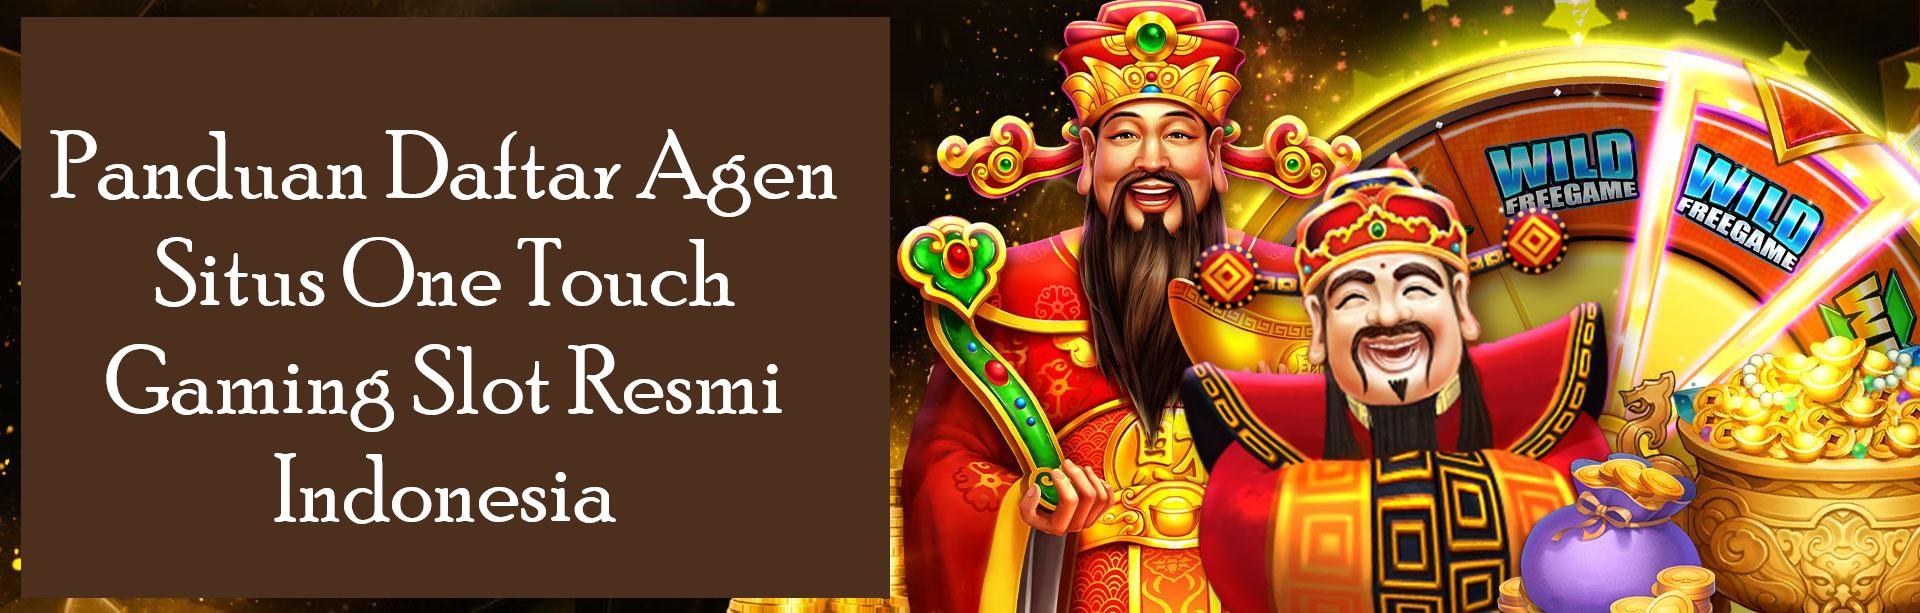 Panduan Daftar Agen Situs One Touch Gaming Slot Resmi Indonesia